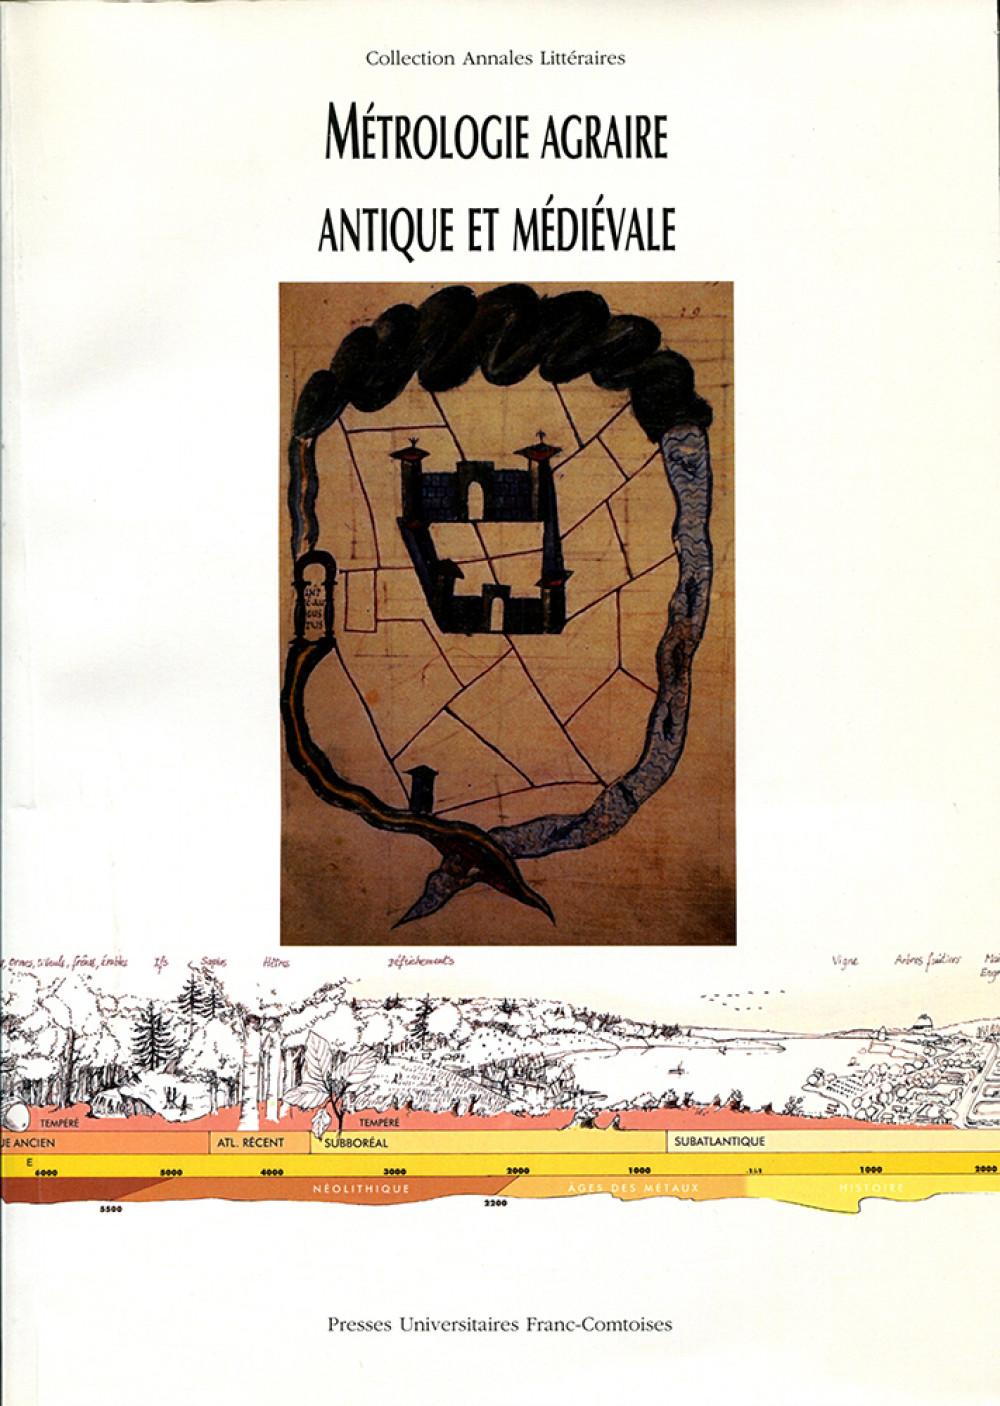 Métrologie agraire antique et médiévale